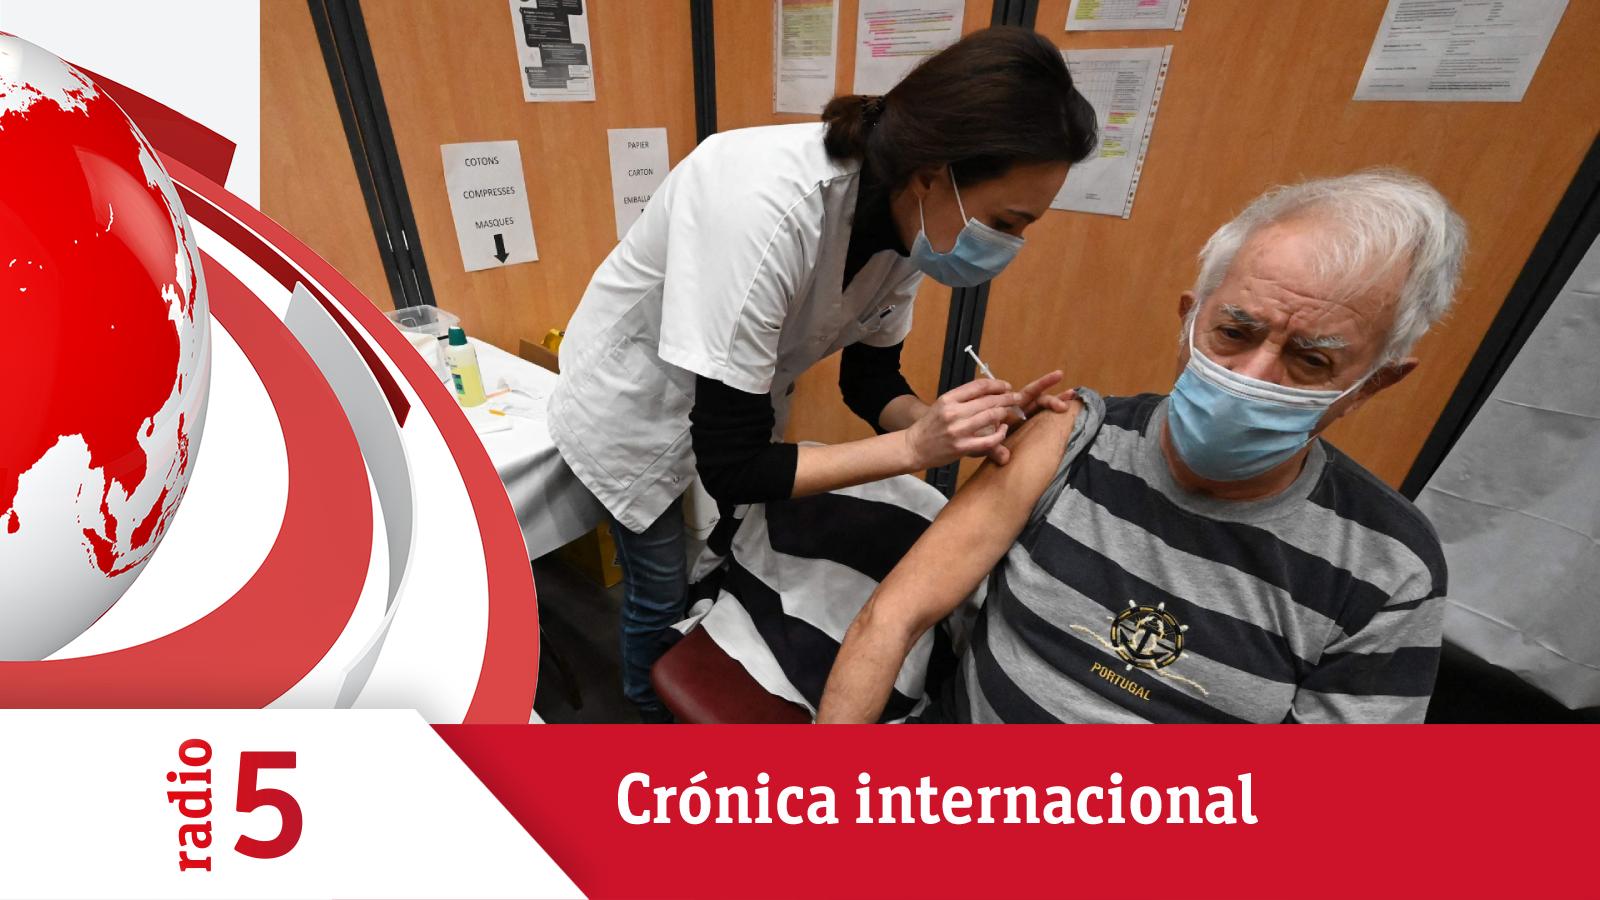 Crónica internacional - La vacunación se ralentiza en el Reino Unido - Escuchar ahora